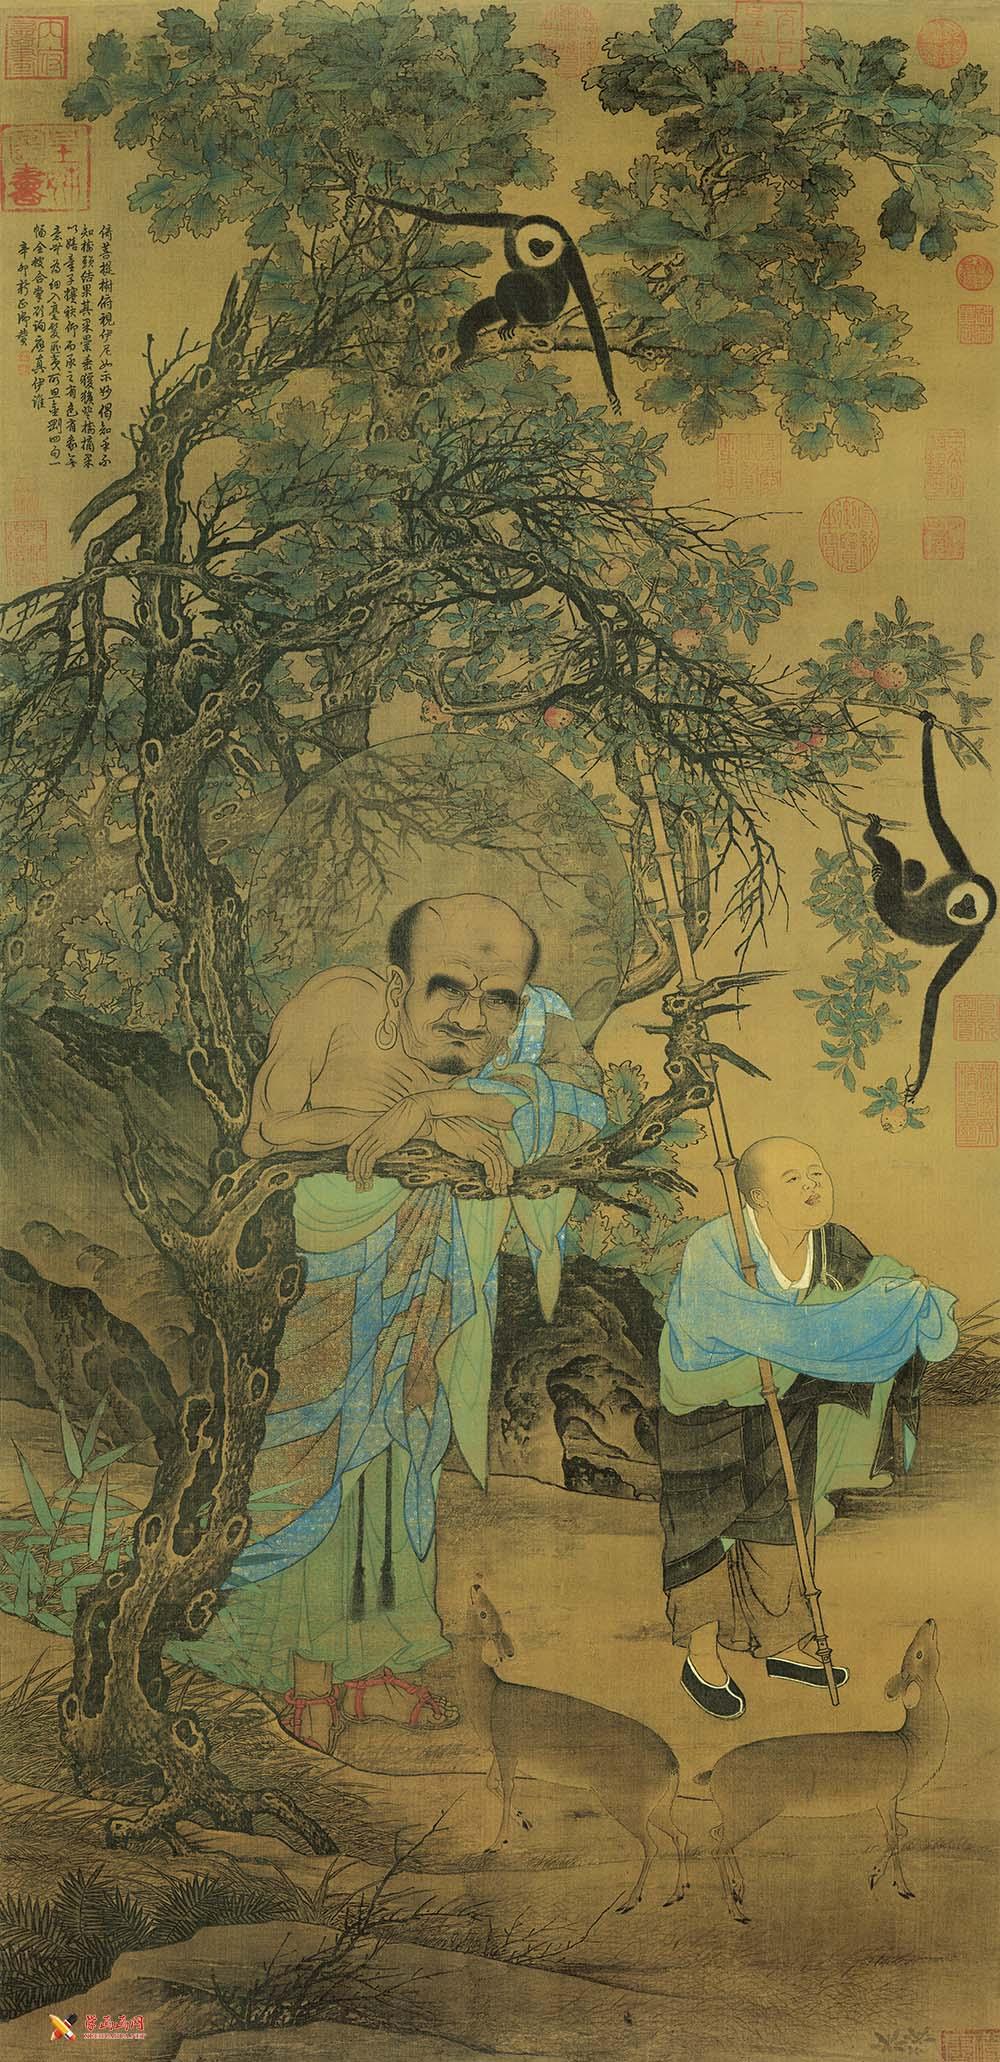 刘松年《罗汉图》高清国画图片欣赏(1)